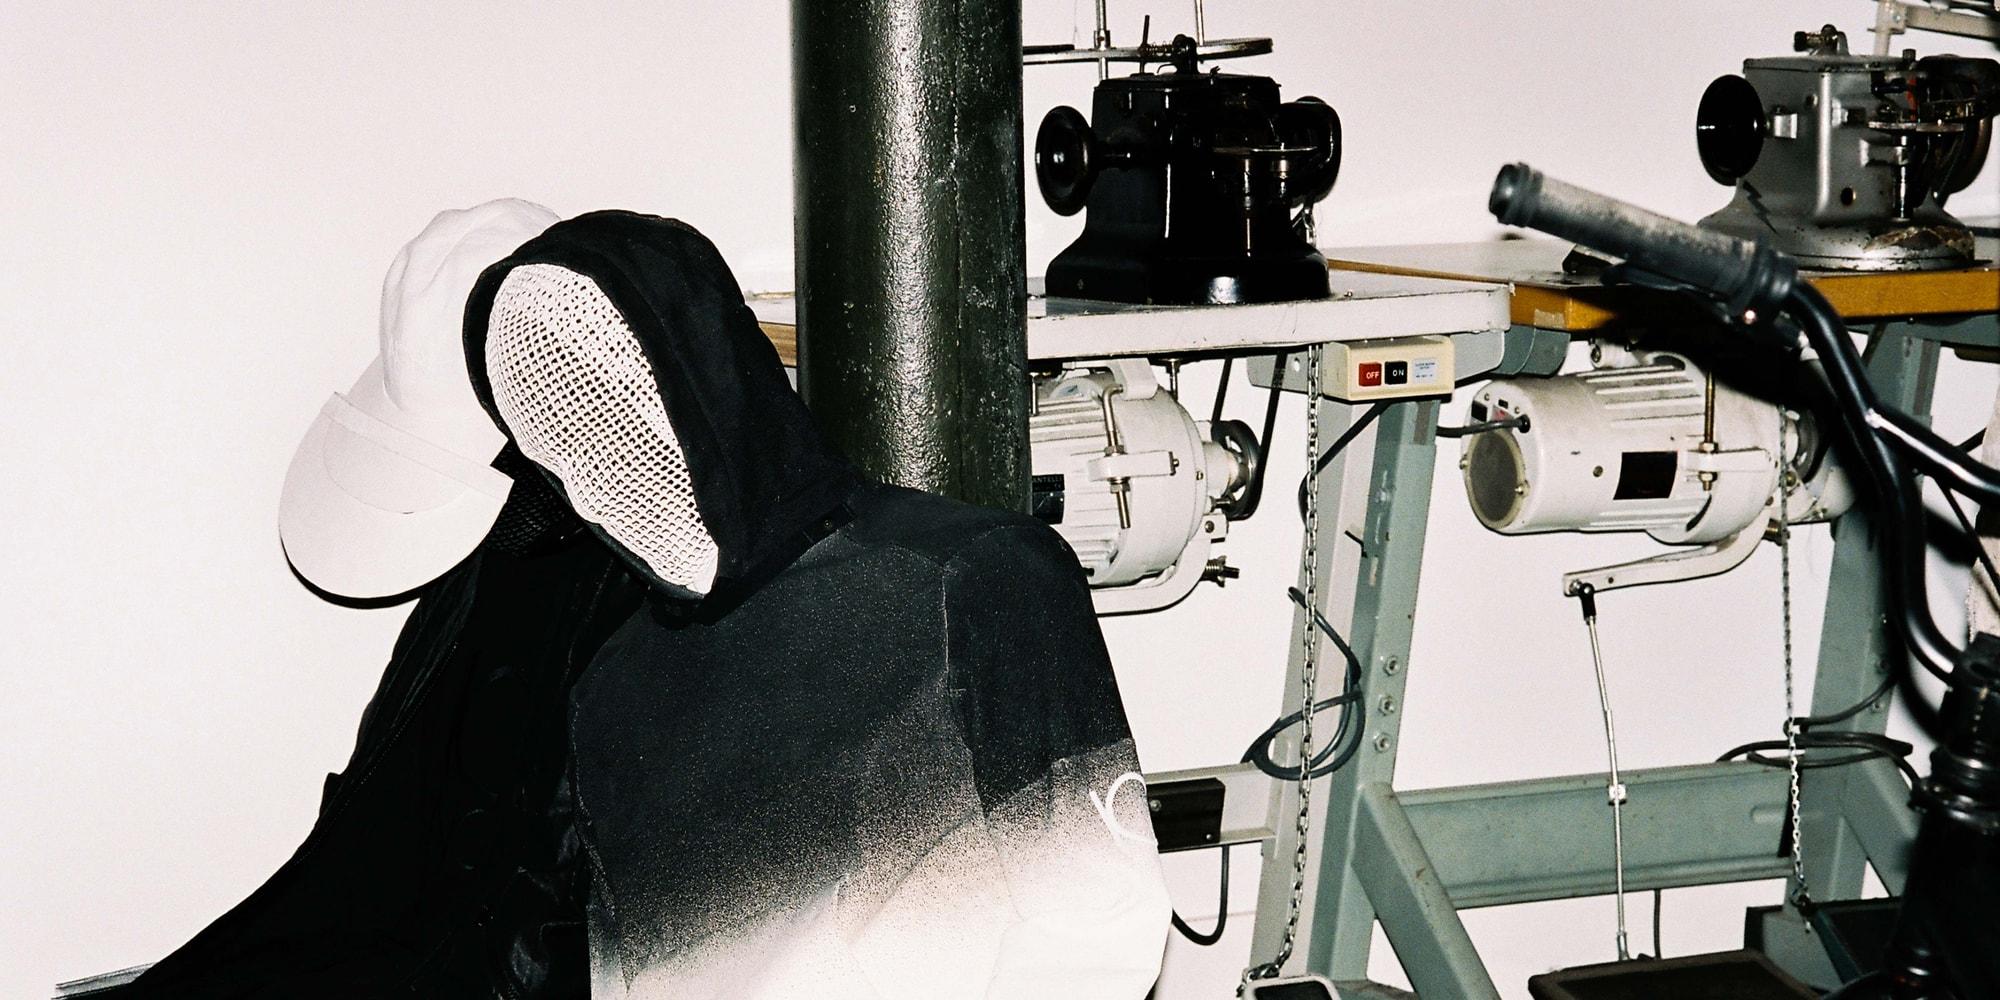 Aitor Throup Streetwear DSA Menswear G-Star Raw Fashion